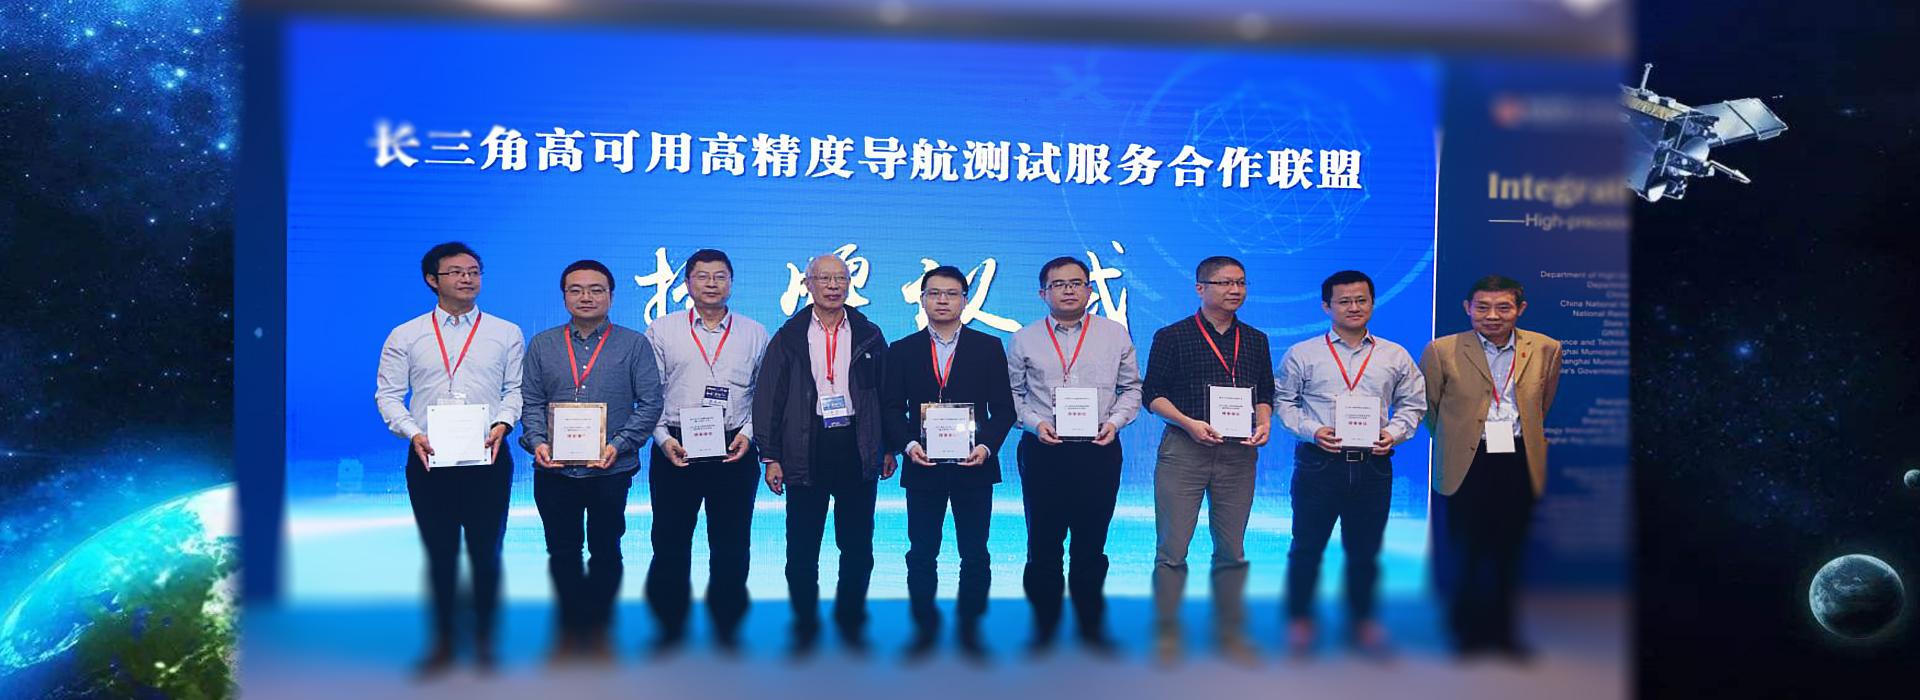 """2017年10月27日,上海国际导航产业与科技发展论坛暨第22次金桥产业技术创新会议""""高精度导航测试服务长三角地区合作框架协议""""授牌仪式。"""